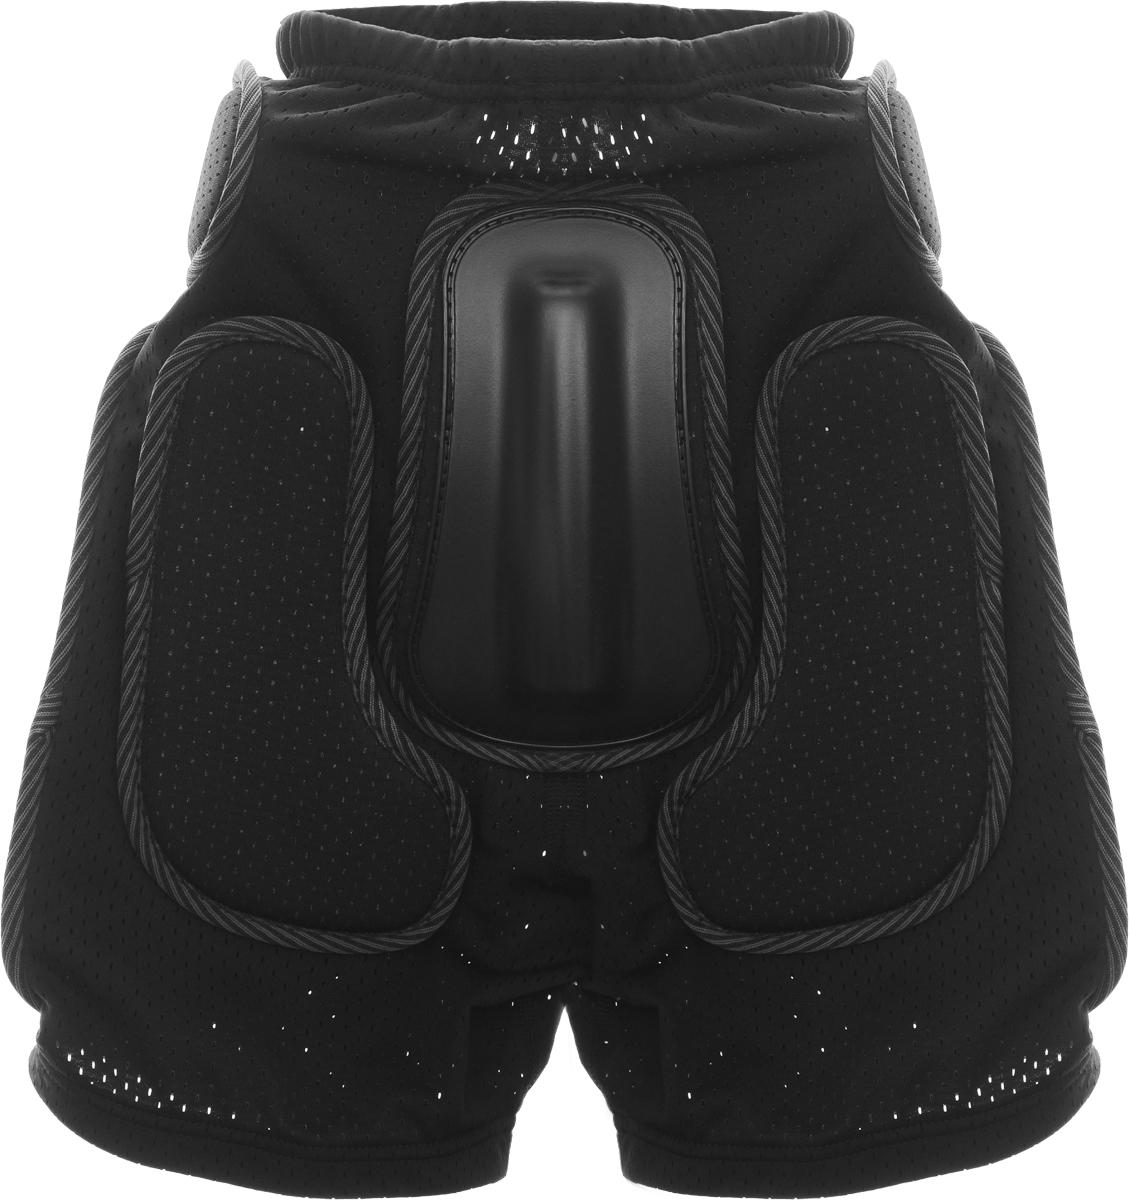 Шорты защитные Biont Комфорт, цвет: черный, размер XL231_002Защитные шорты Biont Комфорт - это необходимая часть снаряжения сноубордистов, любителей экстремального катания на роликах, байкеров, фанатов зимнего кайтинга. Шорты изготовлены из мягкой эластичной потовыводящей сетки с хорошей воздухопроницаемостью под накладками без остаточной деформации. Для обеспечения улучшенной вентиляции в шортах используется дышащая сетка спейсер. Комфортные защитные шорты Biont Комфорт идеальный выбор для любителей экстремального спорта. Толщина пластиковых накладок: 8-12 мм.